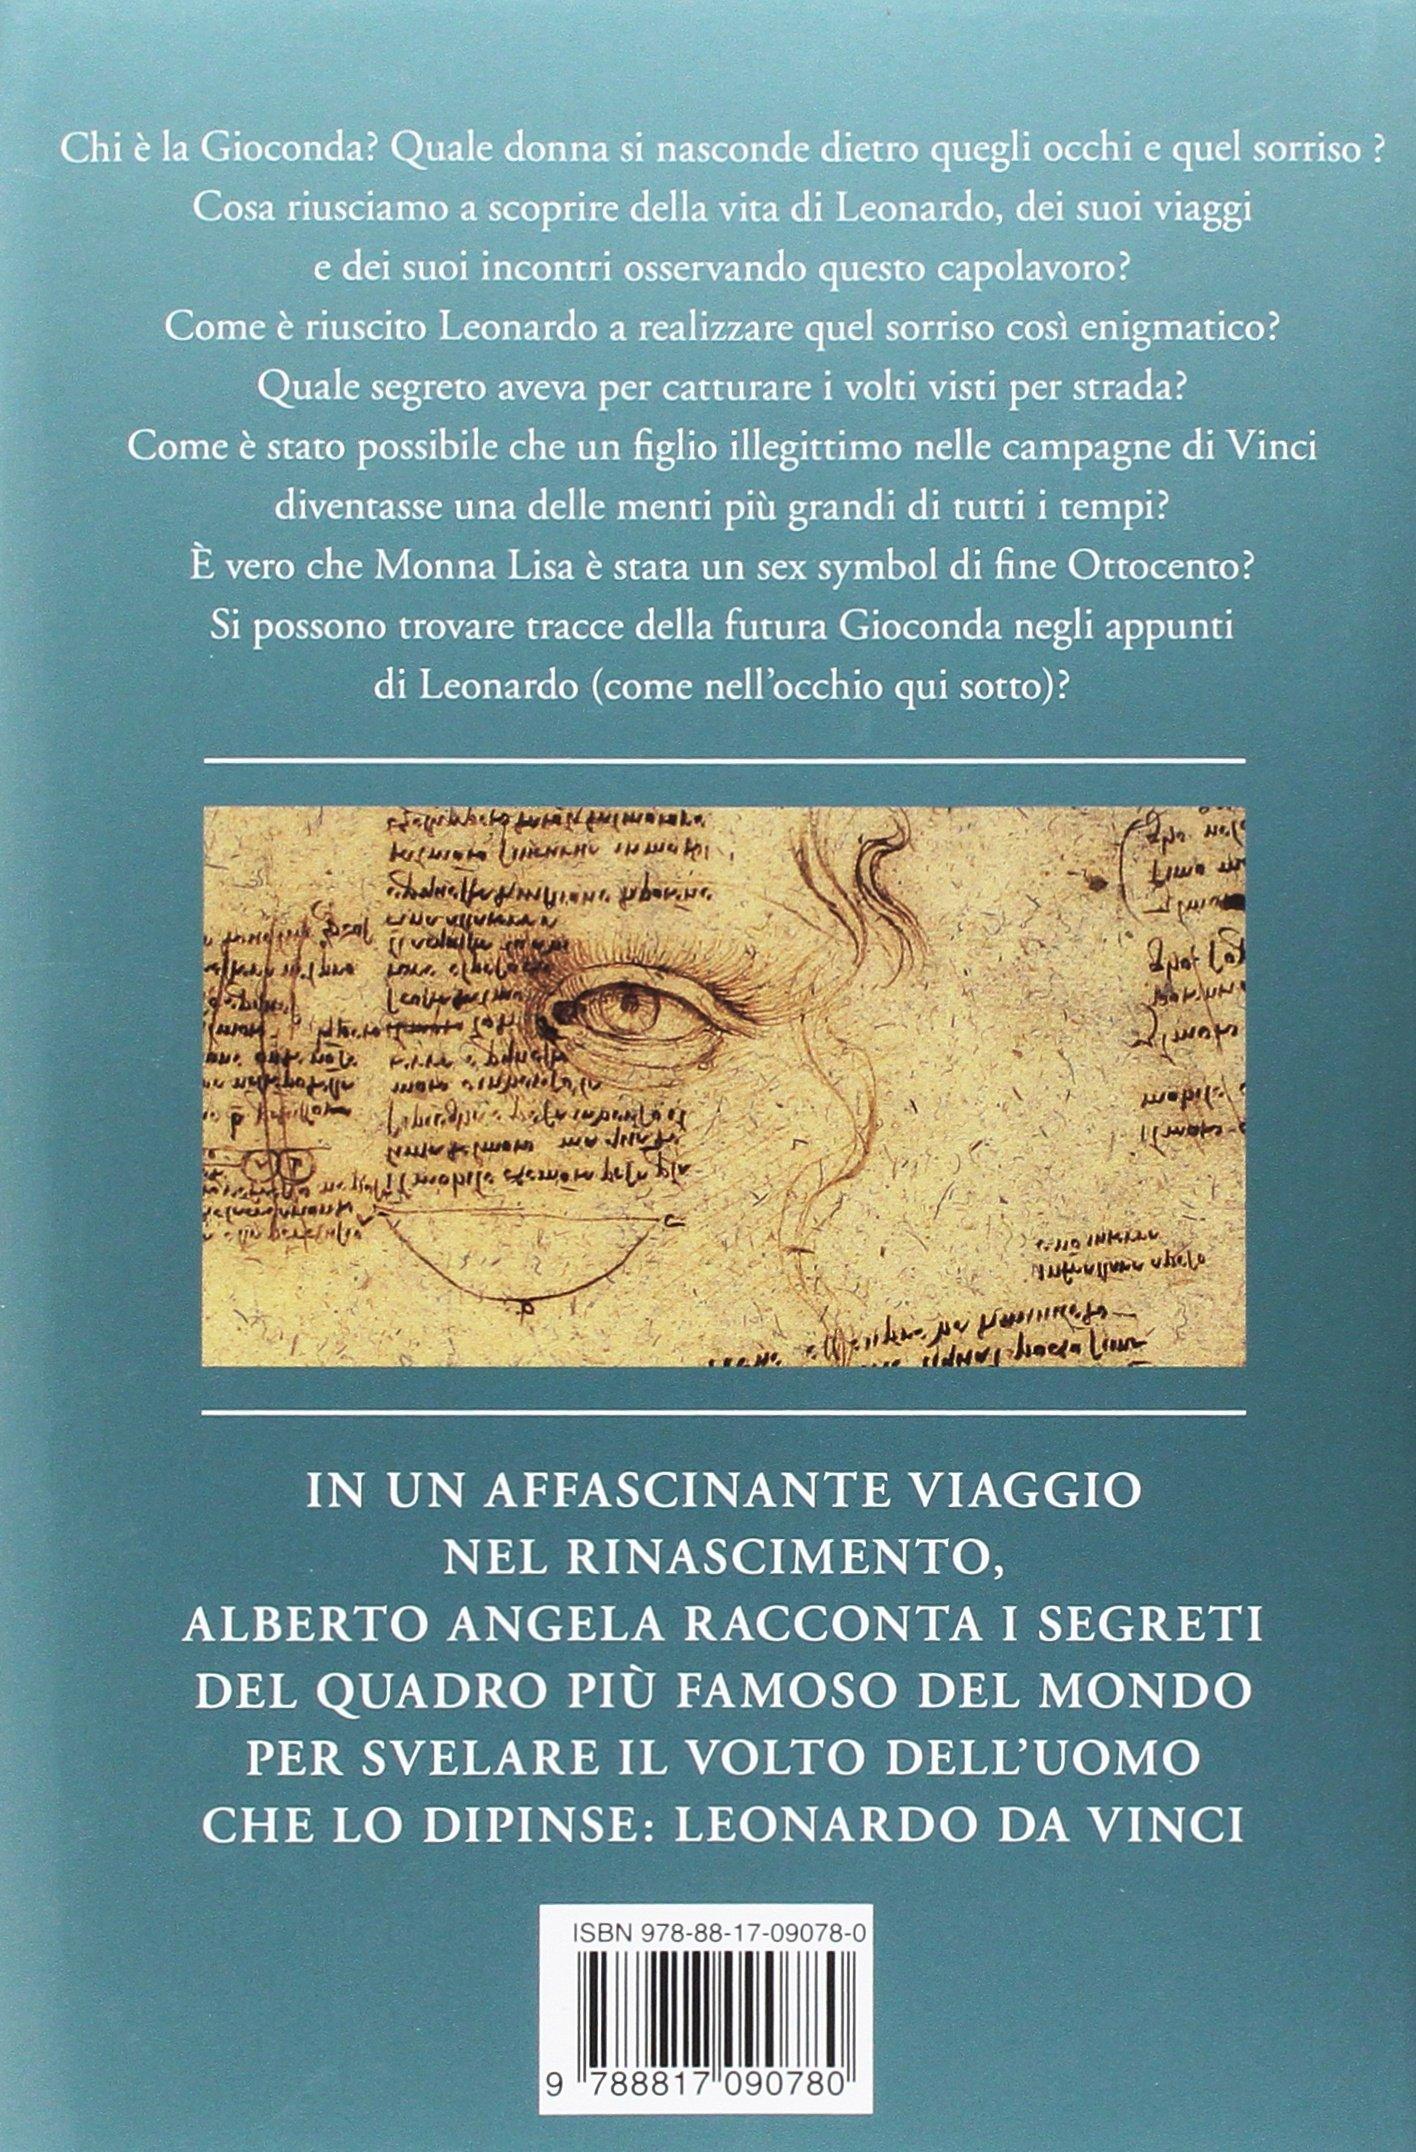 Amazon Com Gli Occhi Della Gioconda Il Genio Di Leonardo Raccontato Da Monna Lisa 9788817090780 Angela Alberto Books